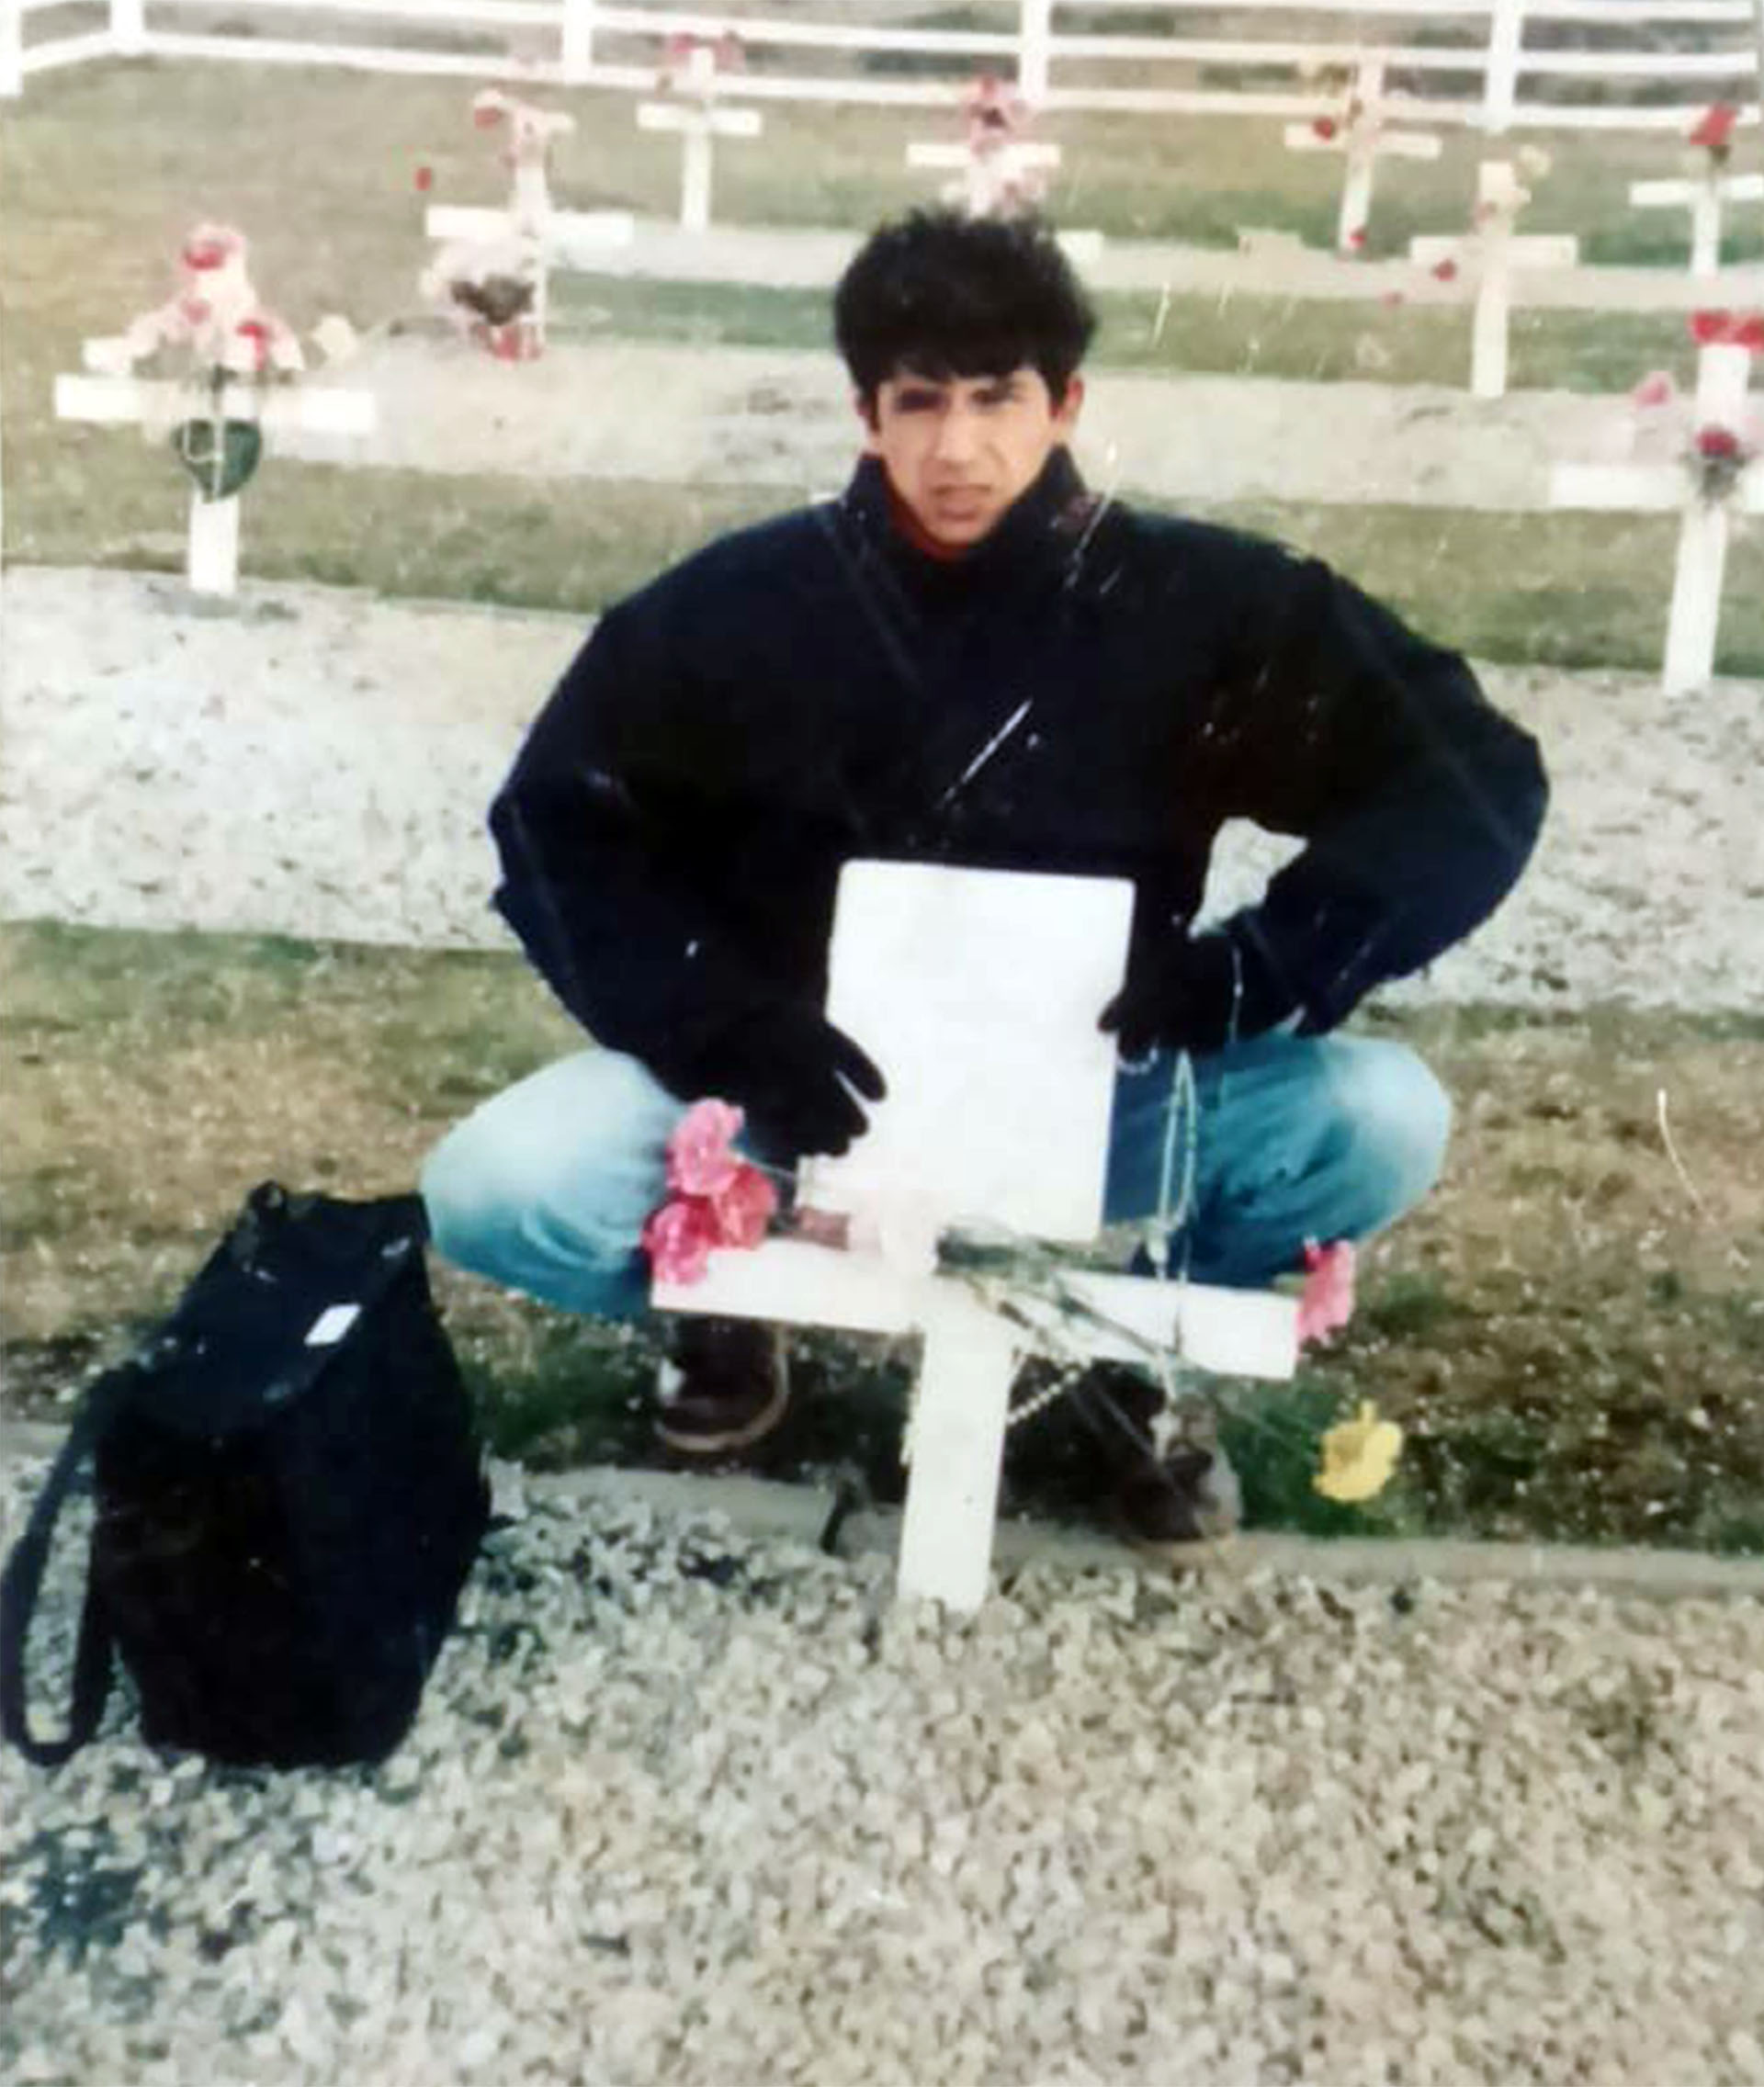 Ricardo, hermano del soldado Luna, viajó a las islas en 1999 y no encontró la tumba de su hermano. Eligió unacruz anónima al azar para dejar la placa y el rosario que había llevado